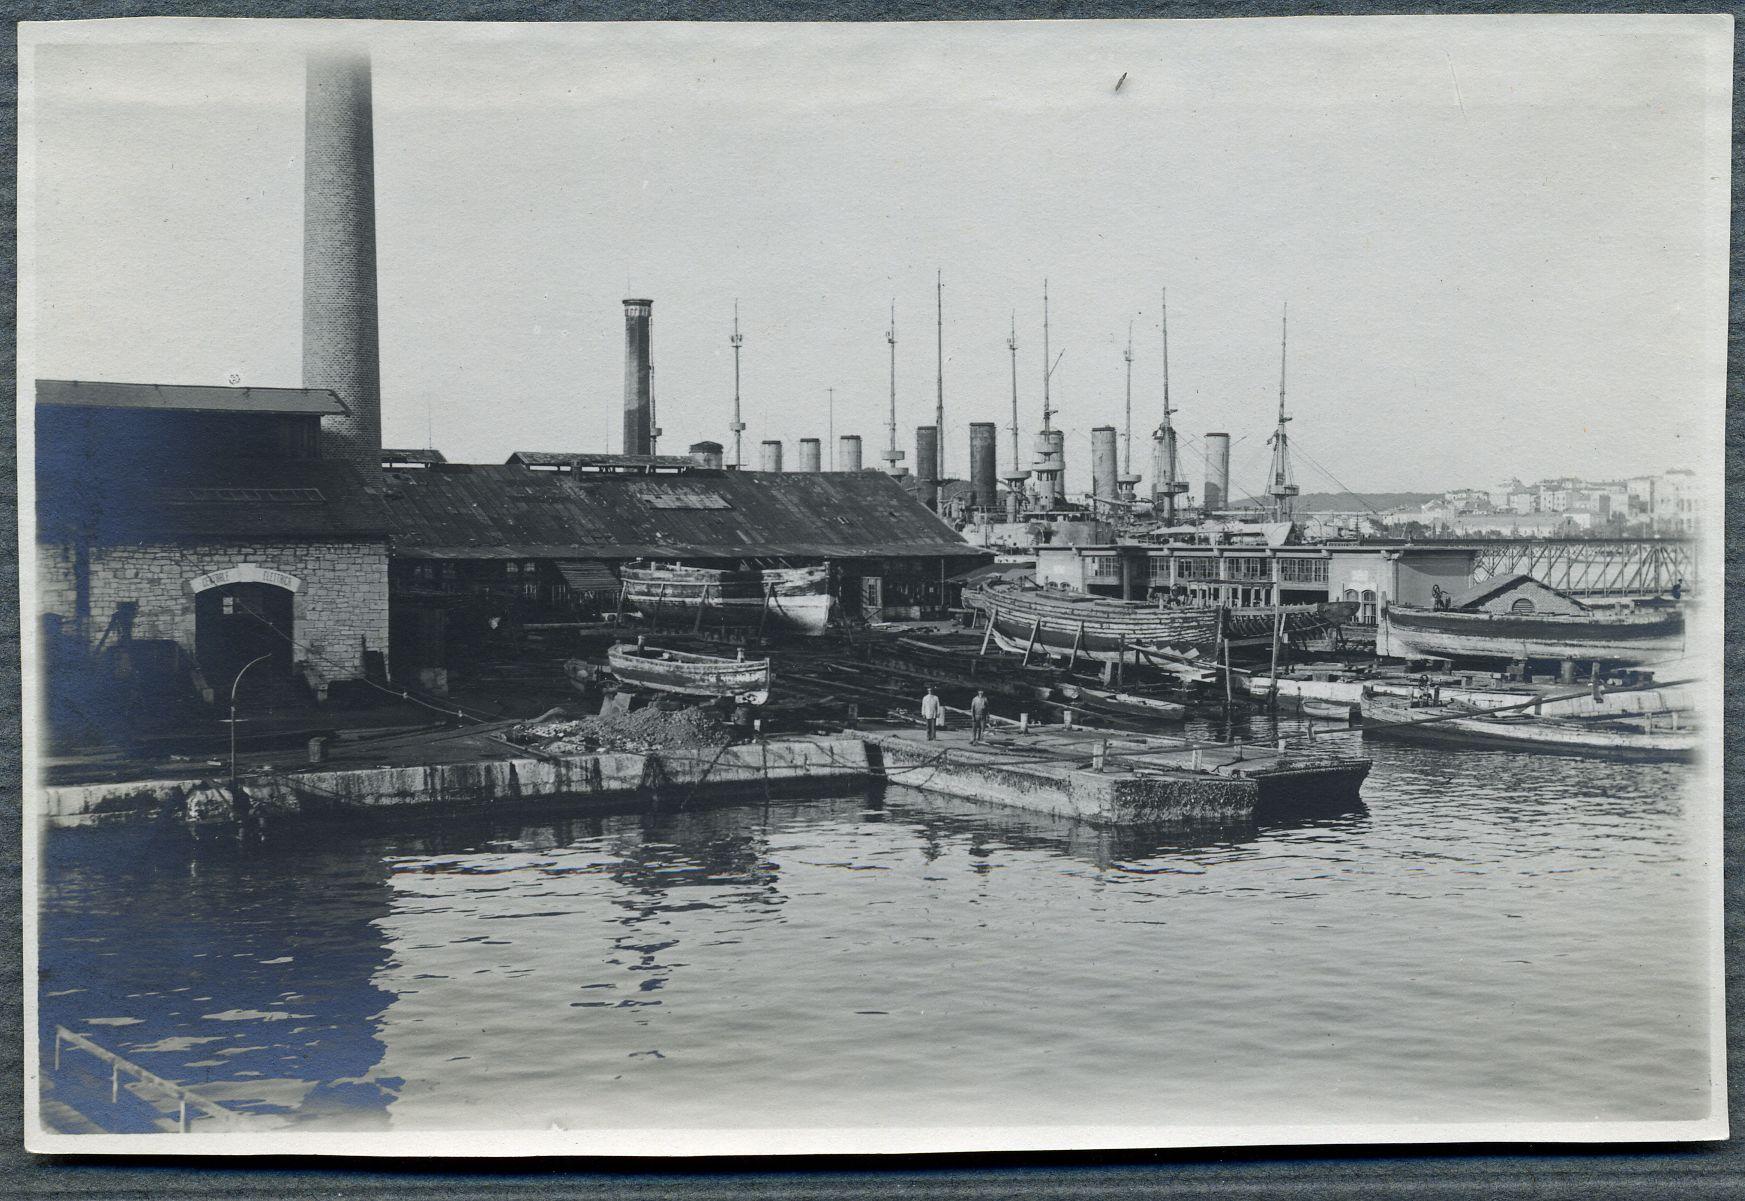 Za vrijeme talijanske vladavine koja je otpočela 1918. godine, Uljanik se bavio izgradnjom podmornica, ali i popravljanjem starih ratnih brodova. Fotografija prikazuje popravak čamaca na navozima, godina je 1920.